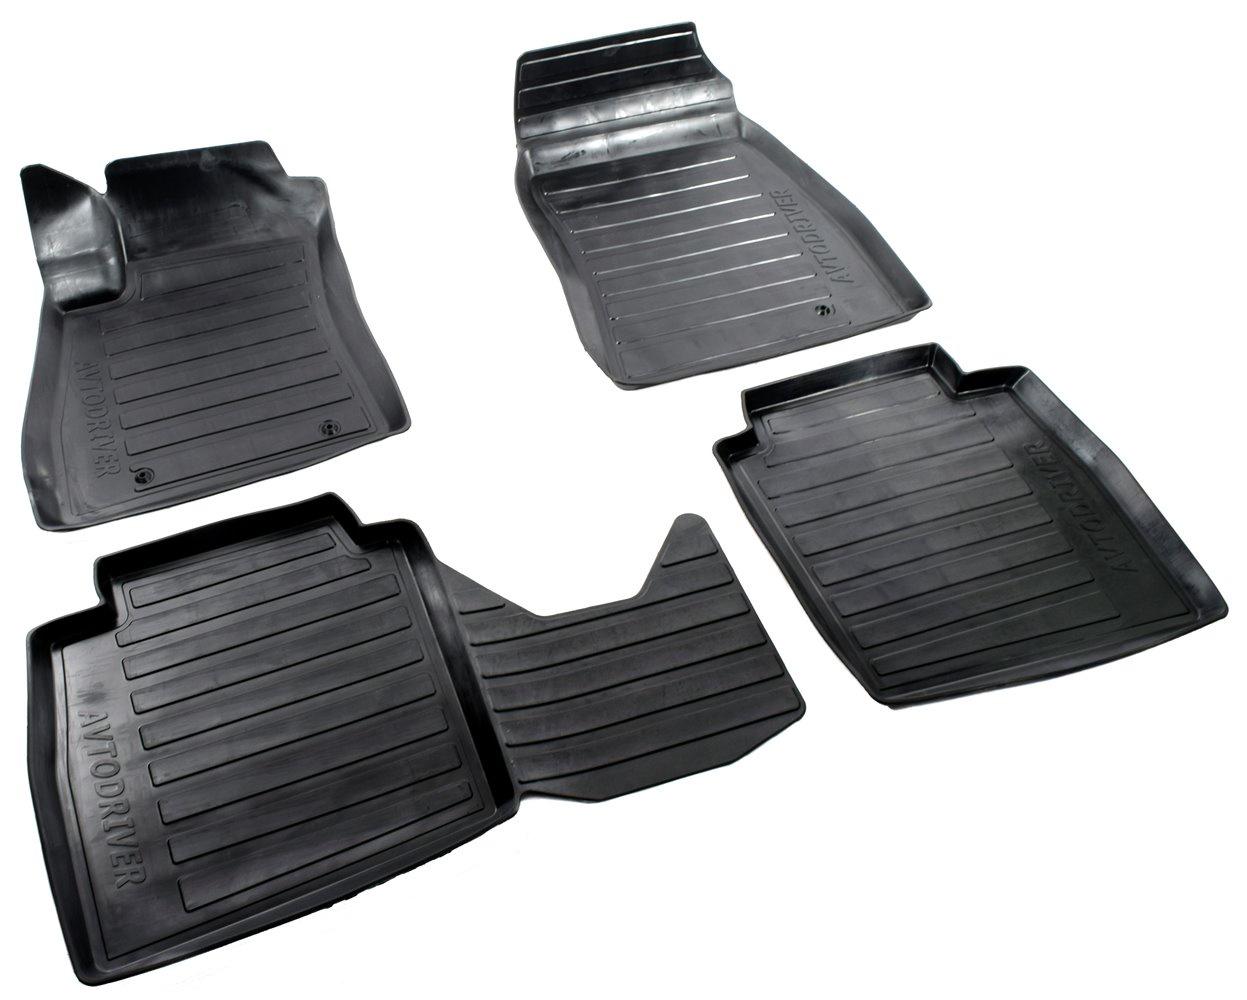 Коврики салона Avtodriver для Nissan Sentra (2013-) ADRAVG179, резиновые, с бортиком, черный текстильные коврики в салон nissan ke7454mf01 для nissan sentra 2014